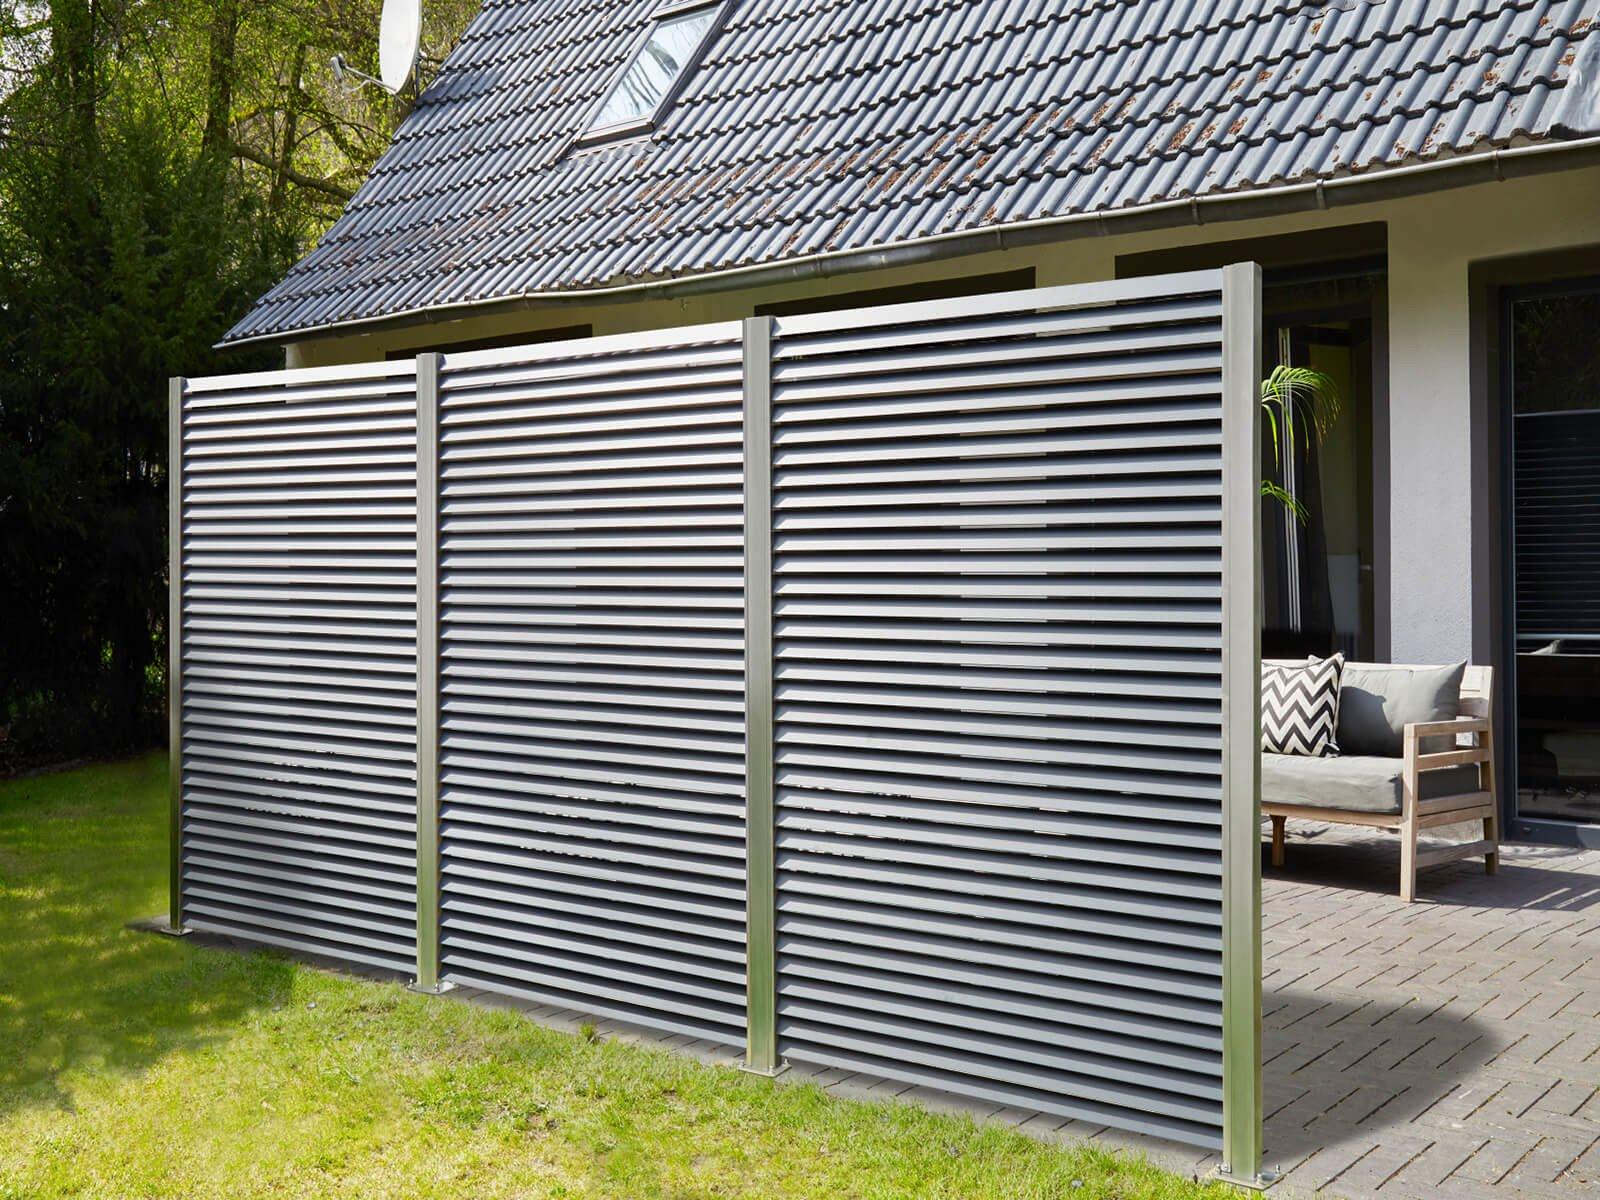 Lamellenzaun als Sichtschutz und Abgrenzung für Garten und Terrasse hervorragend geeignet für große Flächen